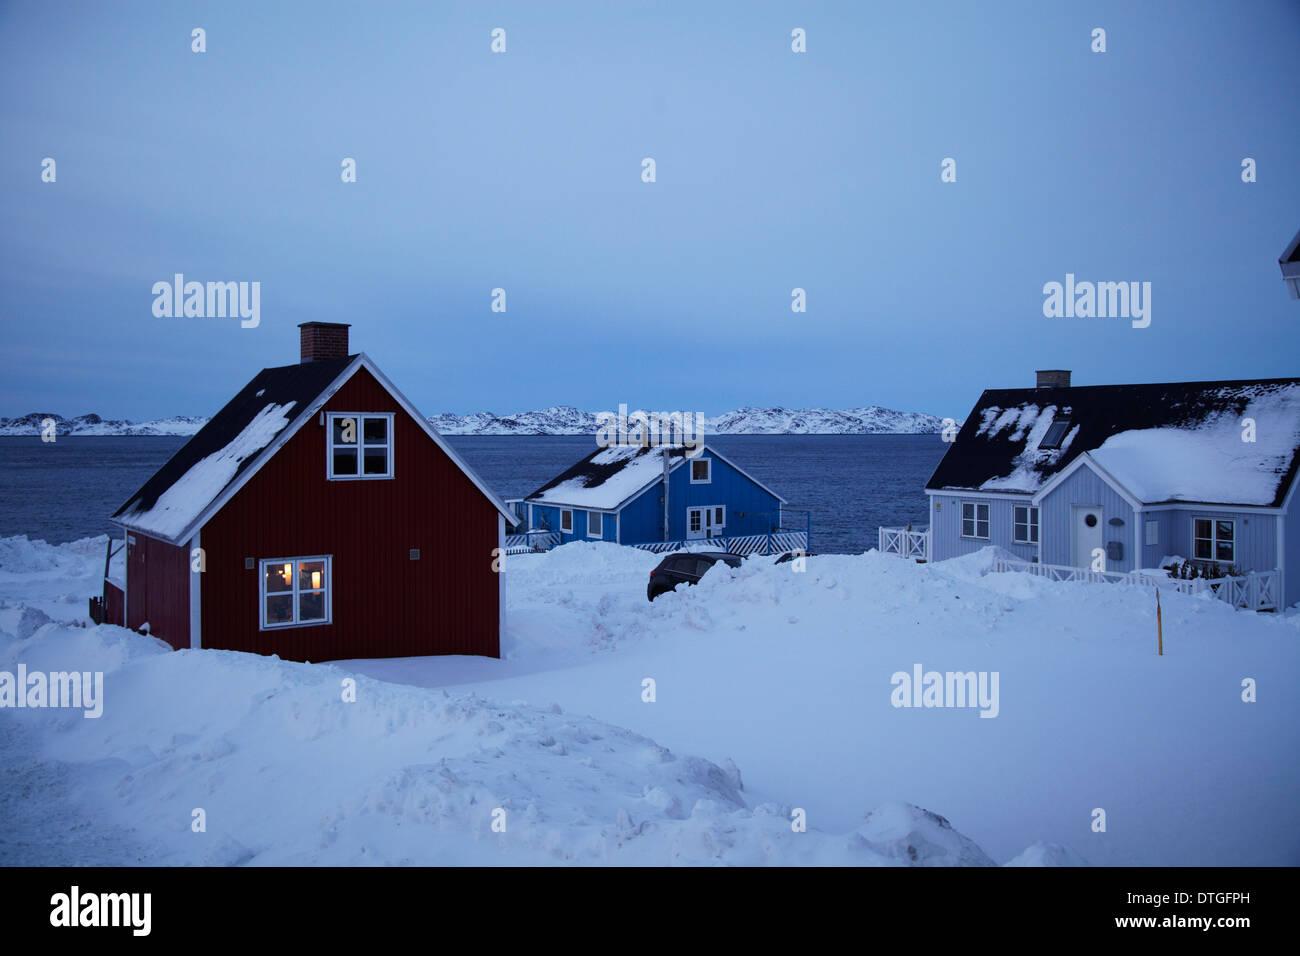 Casas en Nuuk, Groenlandia, la ciudad y el fiordo en el fondo. La hora azul. El sol y la oscuridad ha dejado de tomar el relevo. Imagen De Stock